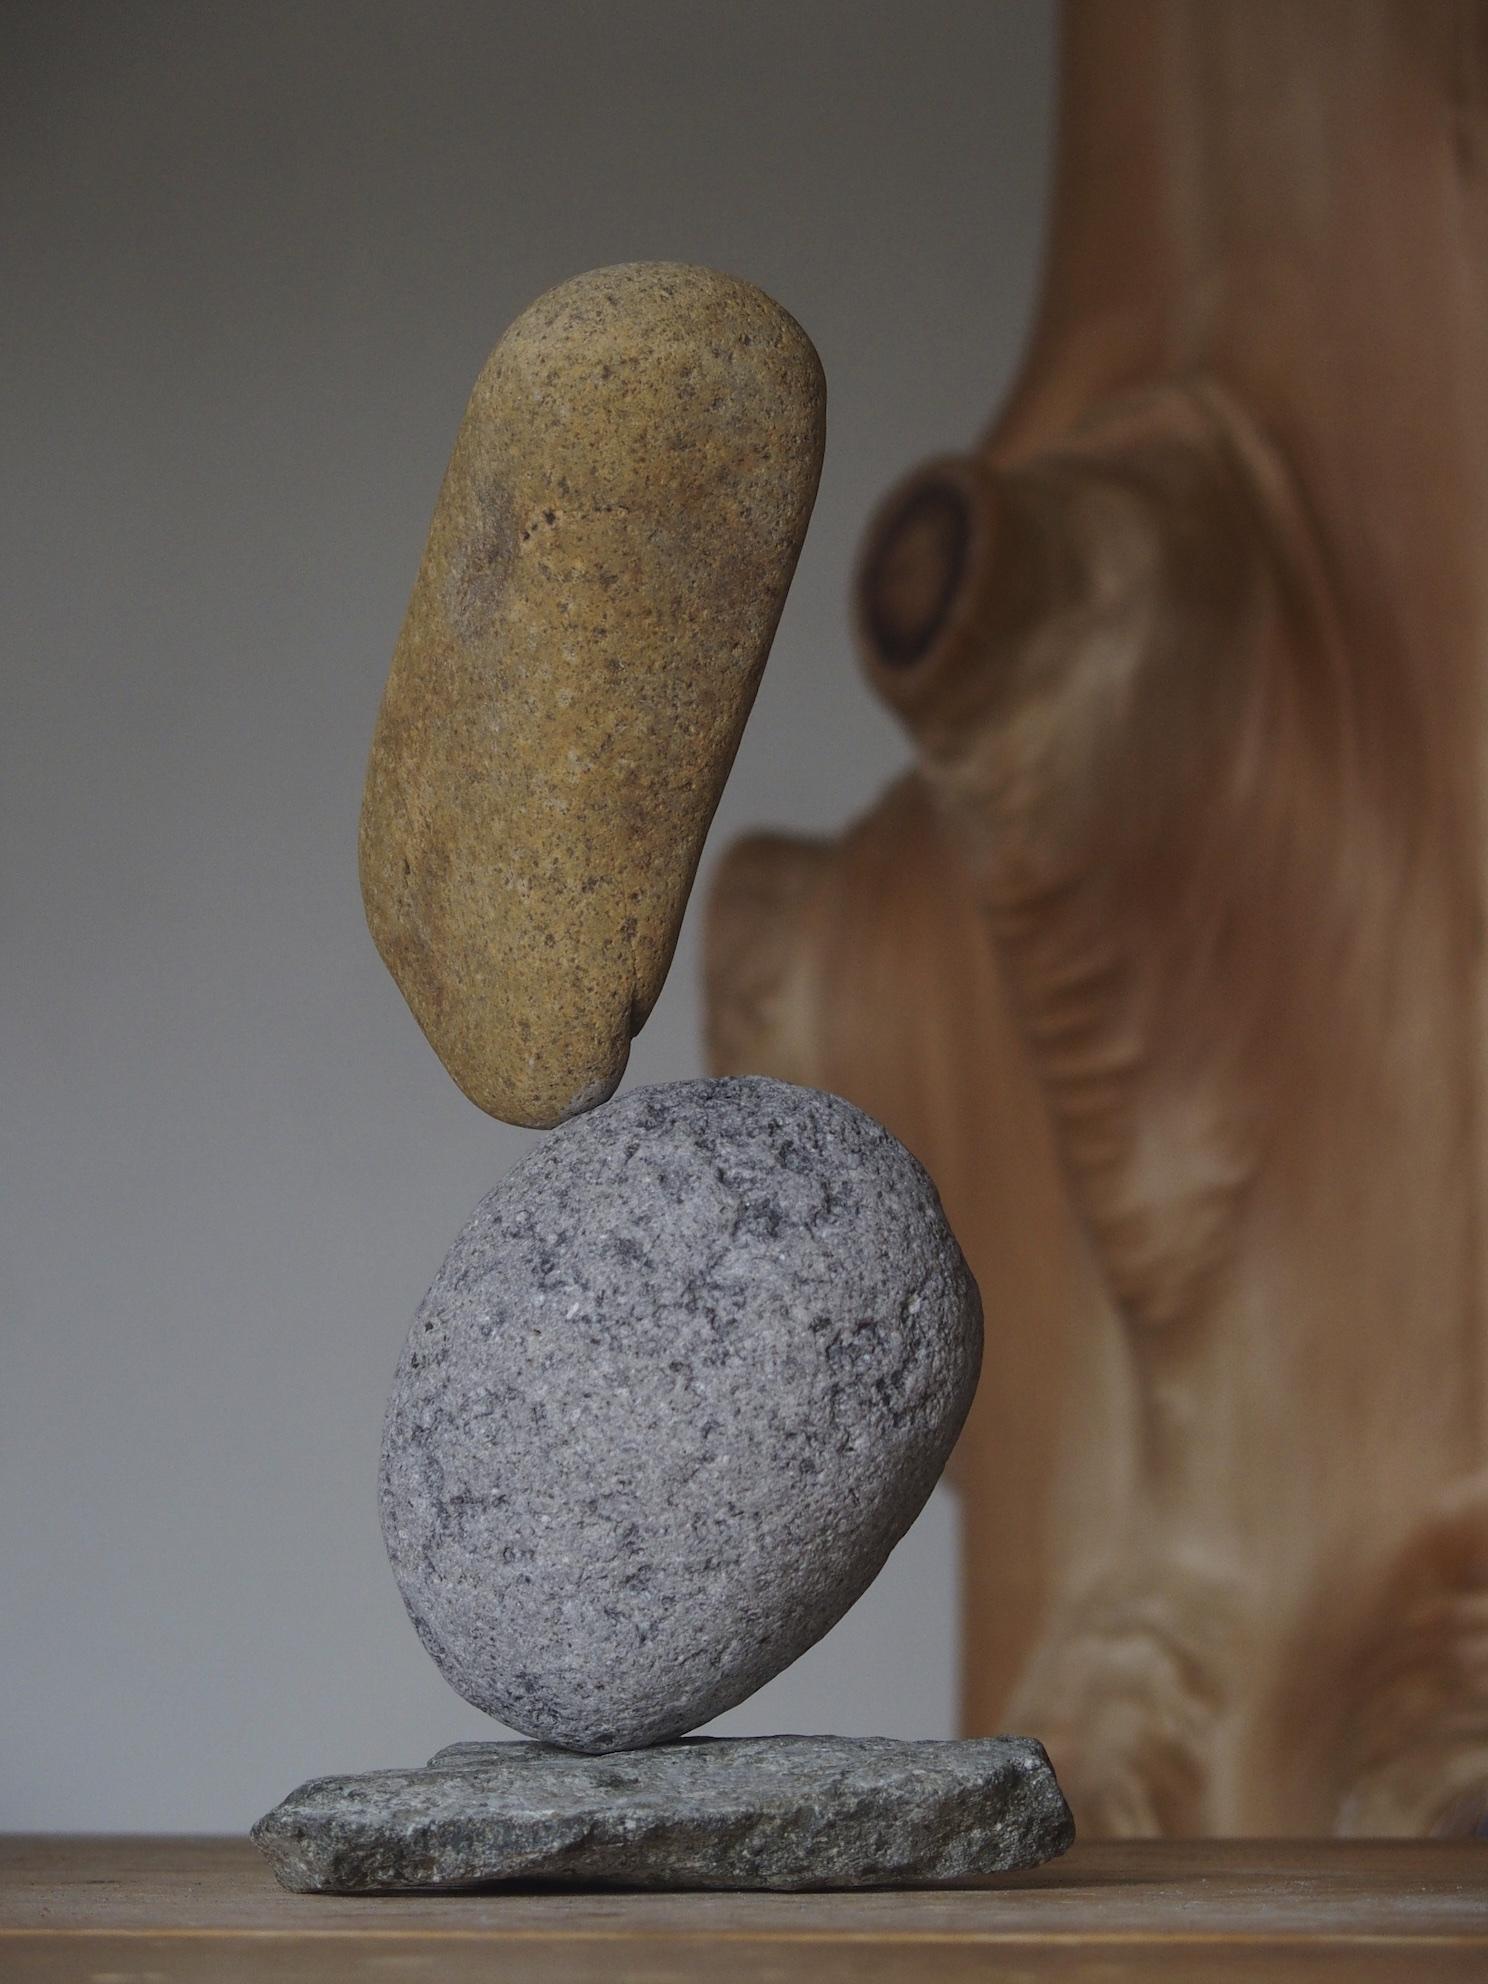 倒れようとする丸石をトップで抑え込む